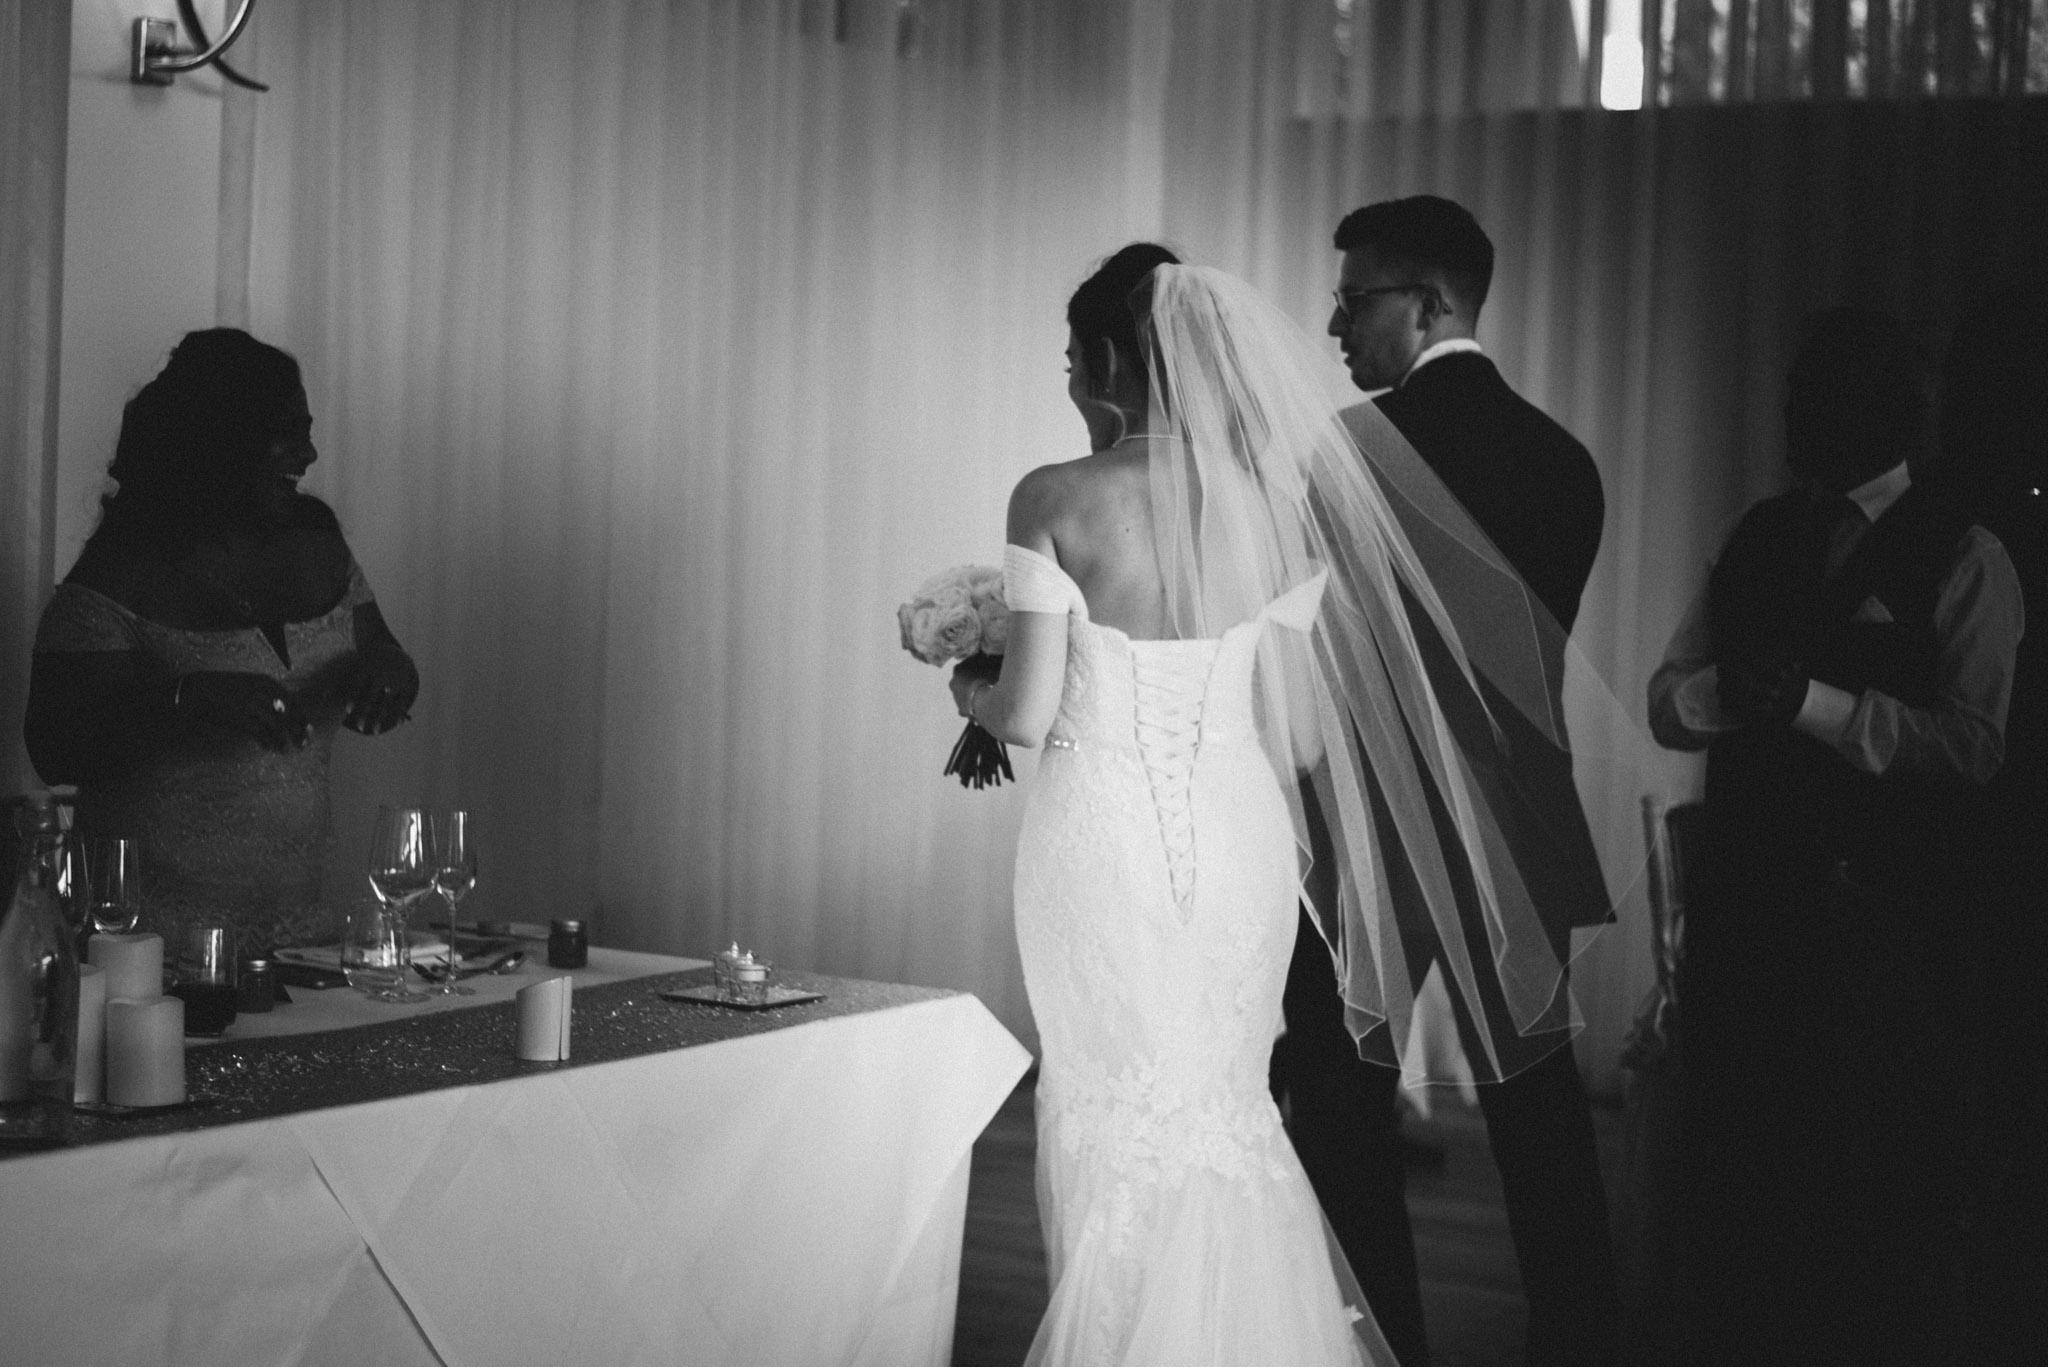 scott-stockwell-wedding-photographer-wood-norton-evesham275.jpg